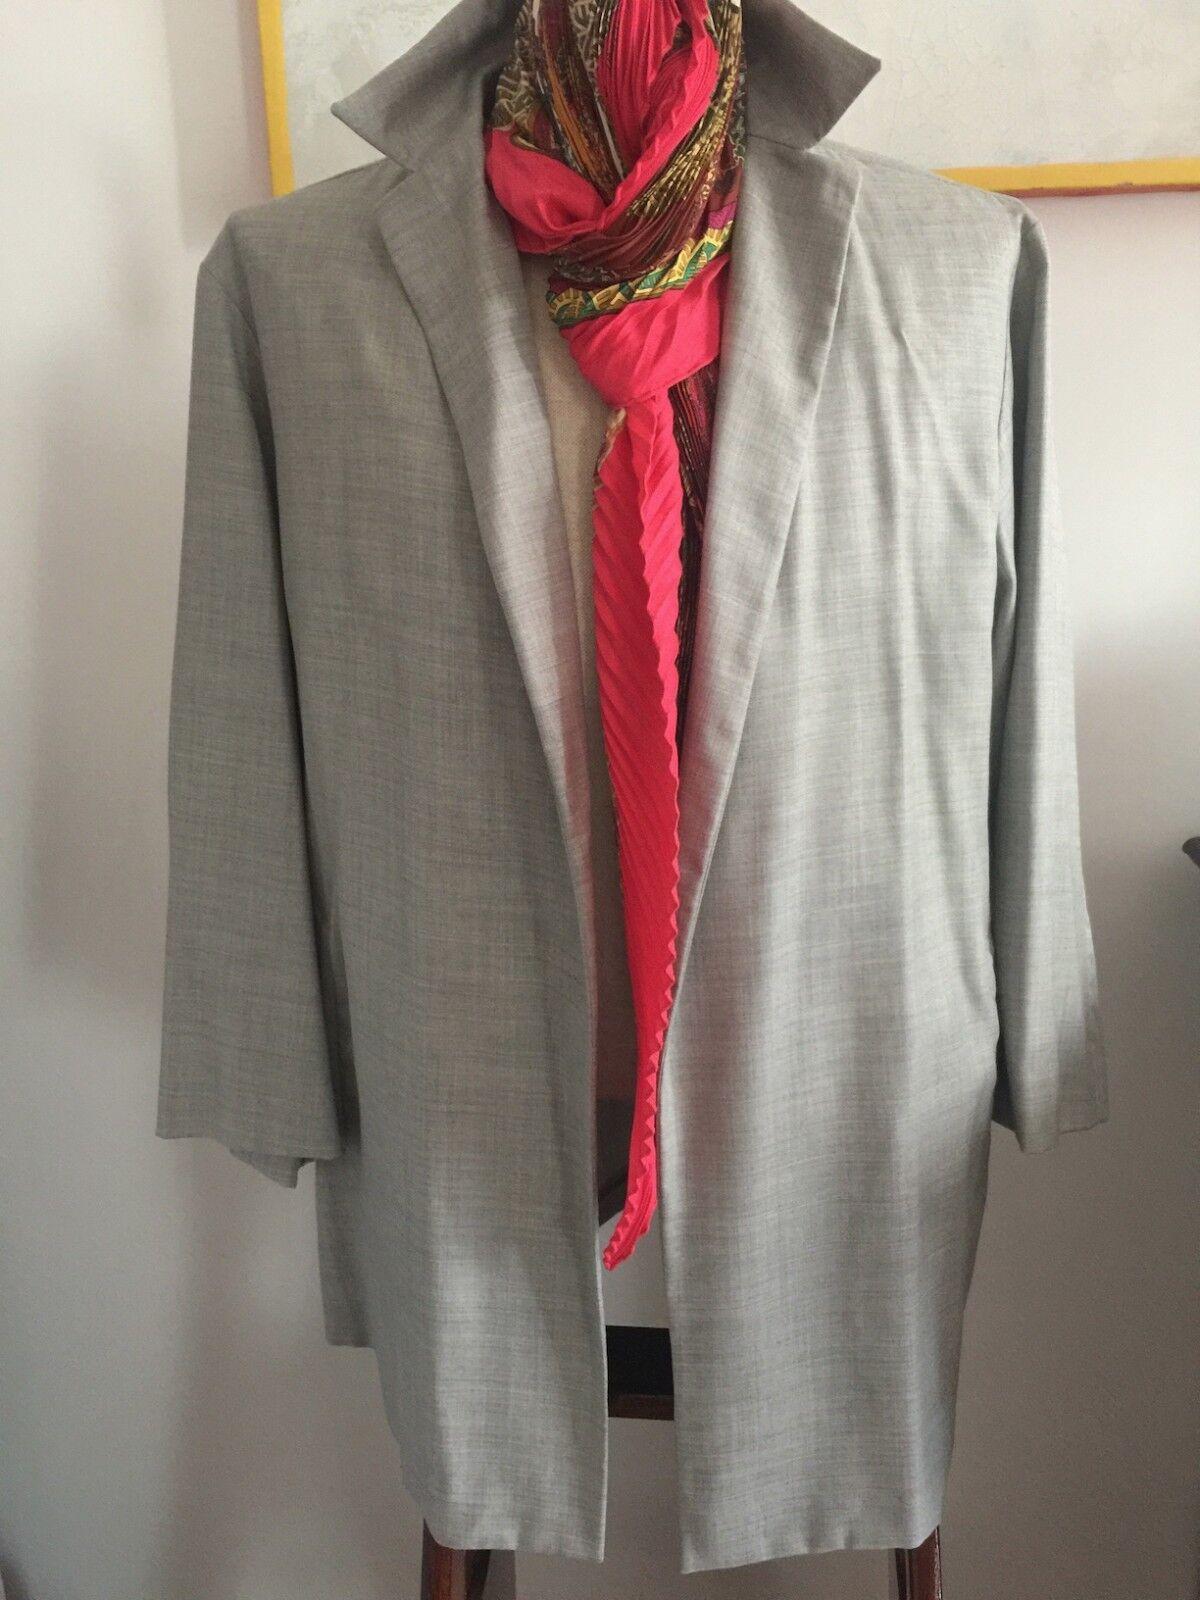 AGNONA NUOVA splendida camicia sfoderata in lana e seta taglia 44 grey perla.